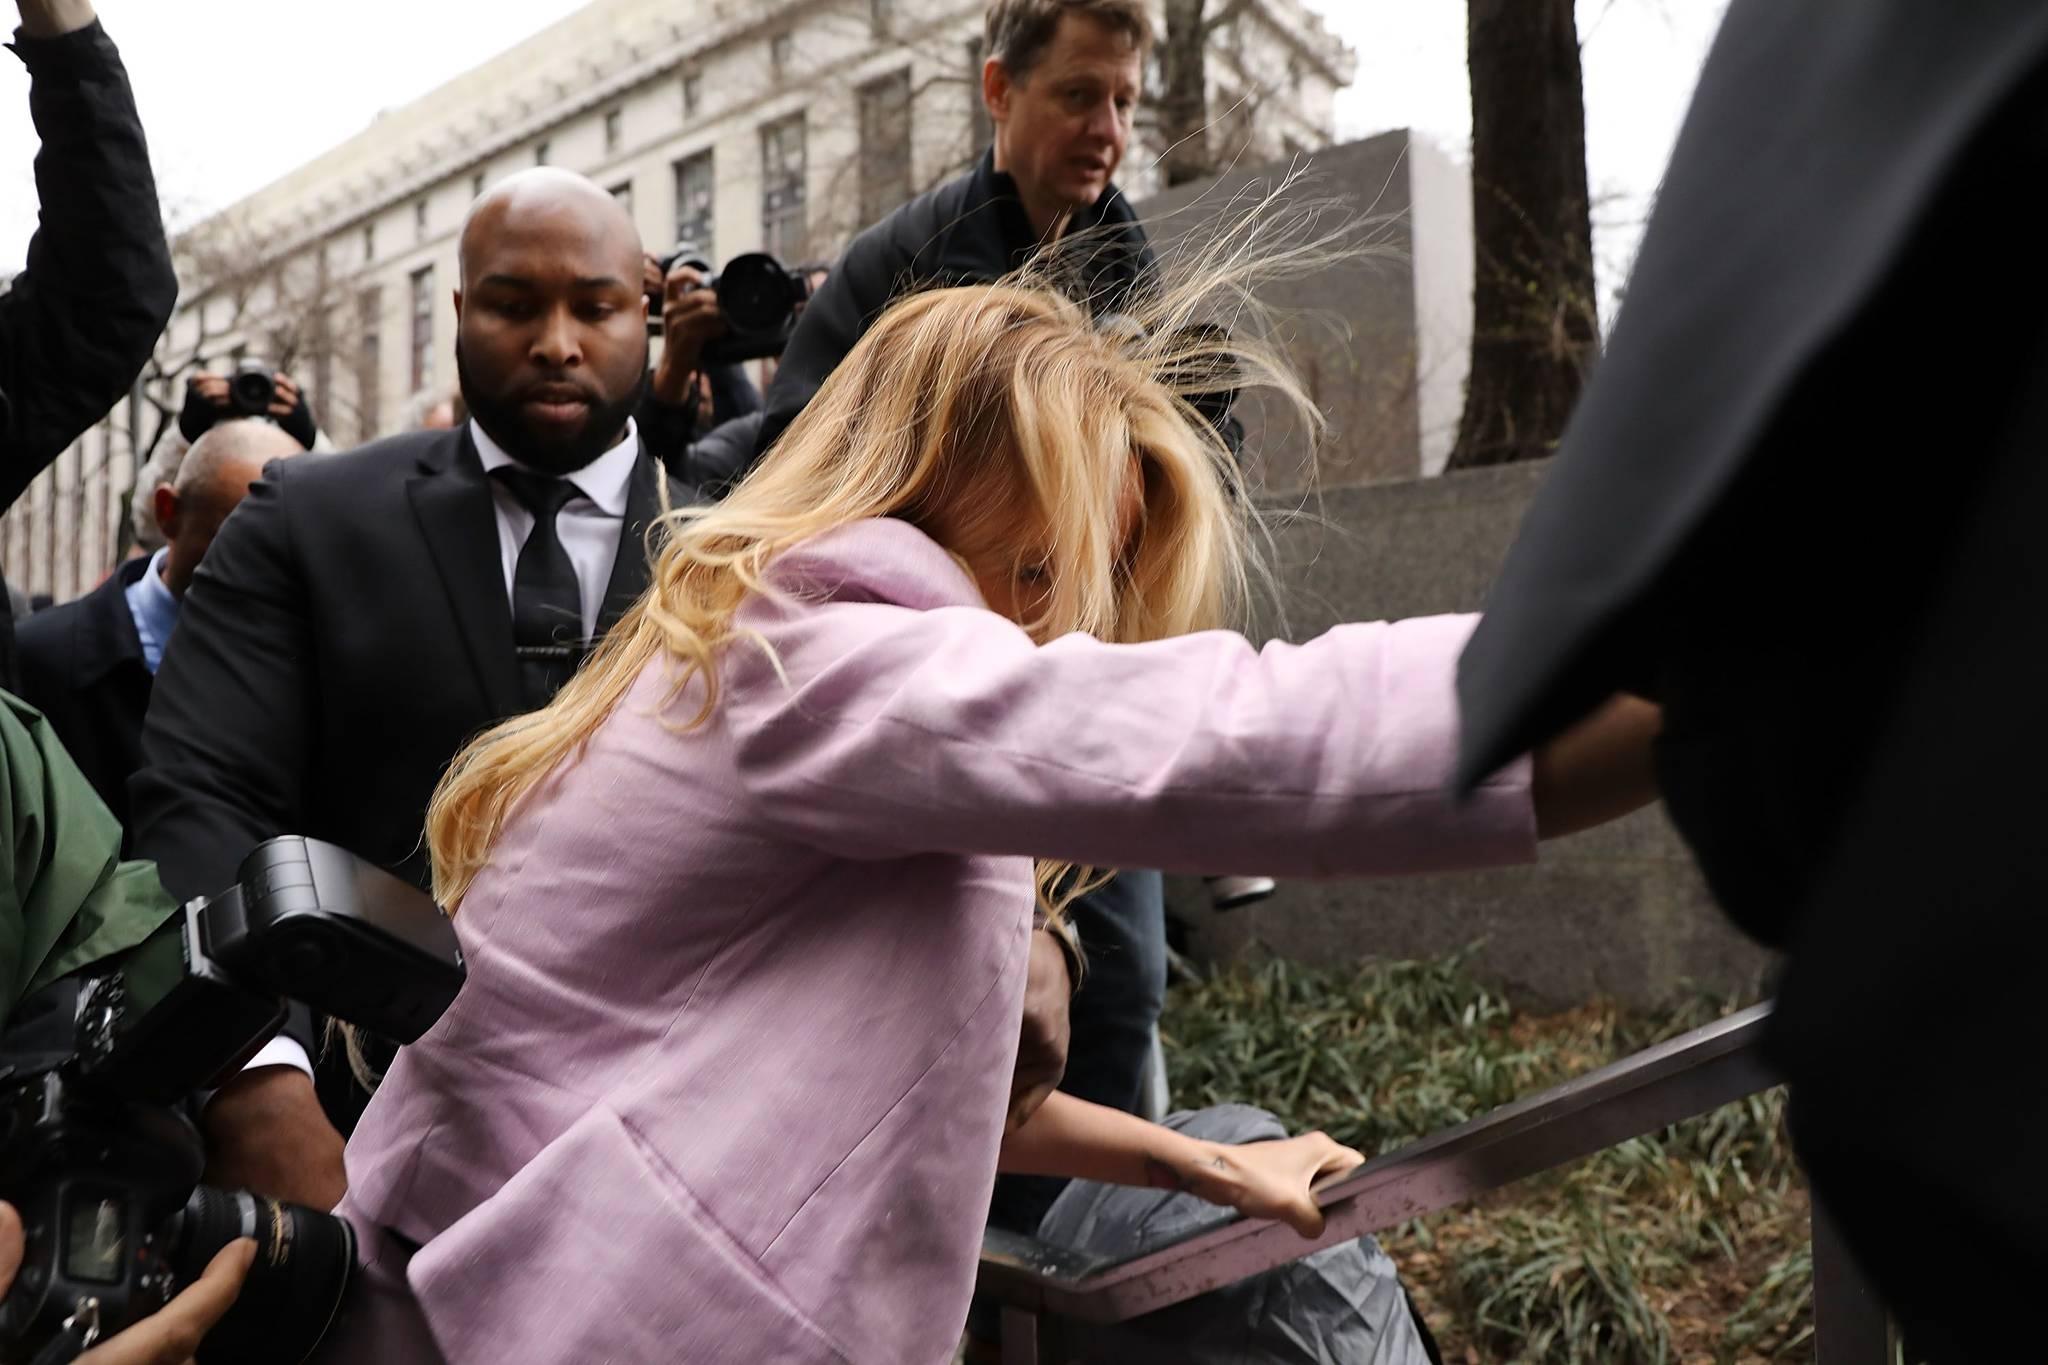 법원에 출석하던 스토미 대니얼스가 둘러쌓인 취재진에 떠밀려 넘어지려하자 난간을 붙잡고 있다. [AFP=연합뉴스]